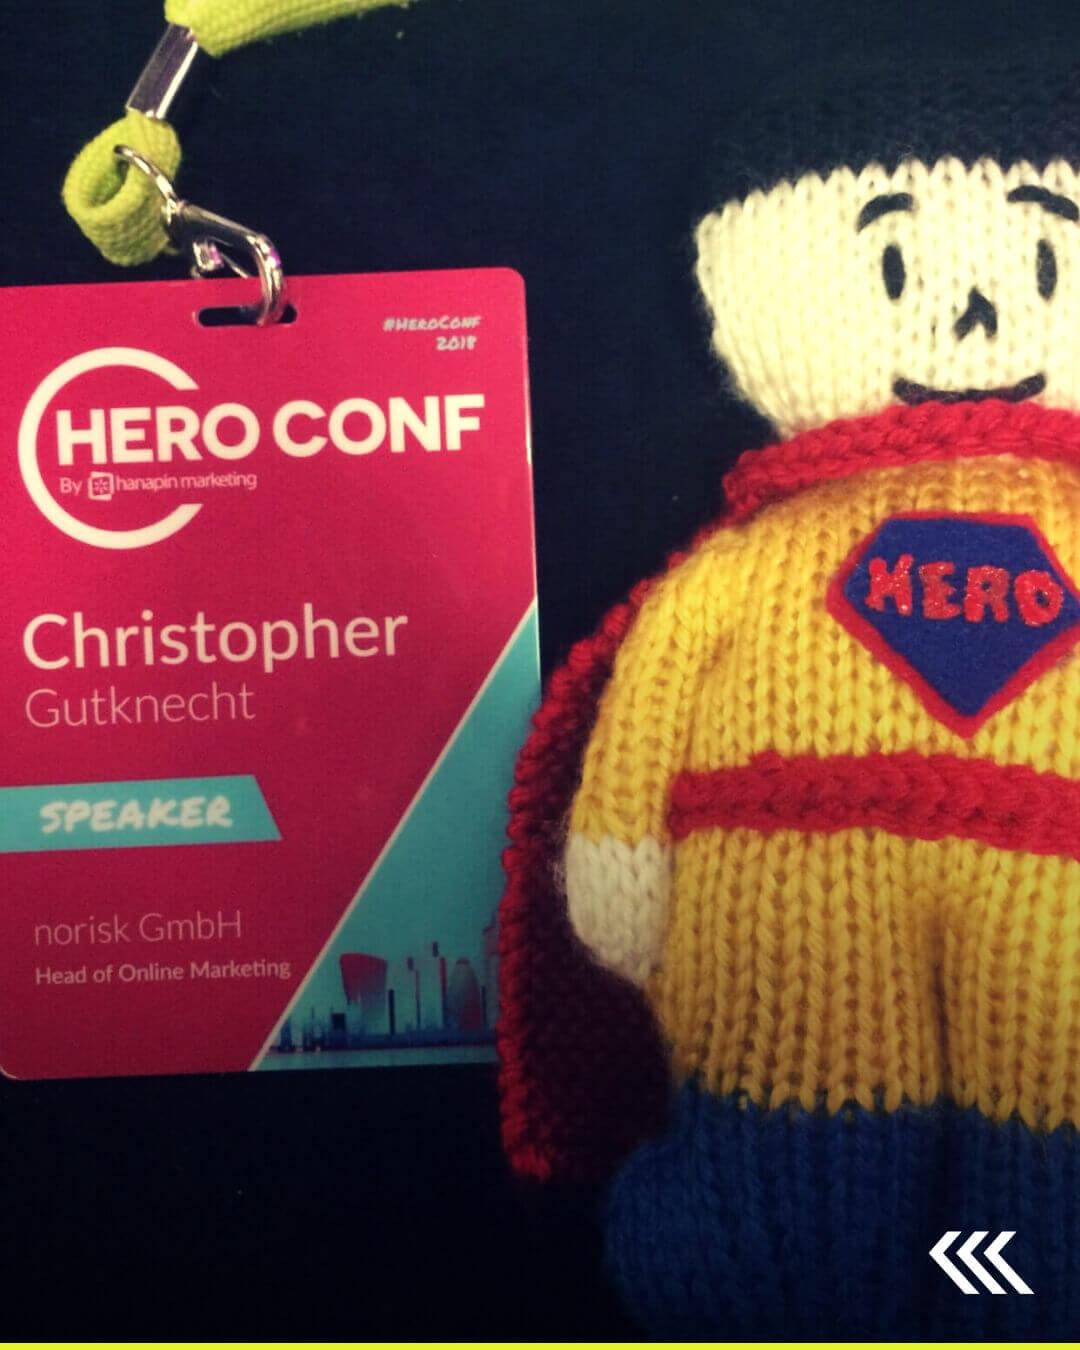 HeroConf CG